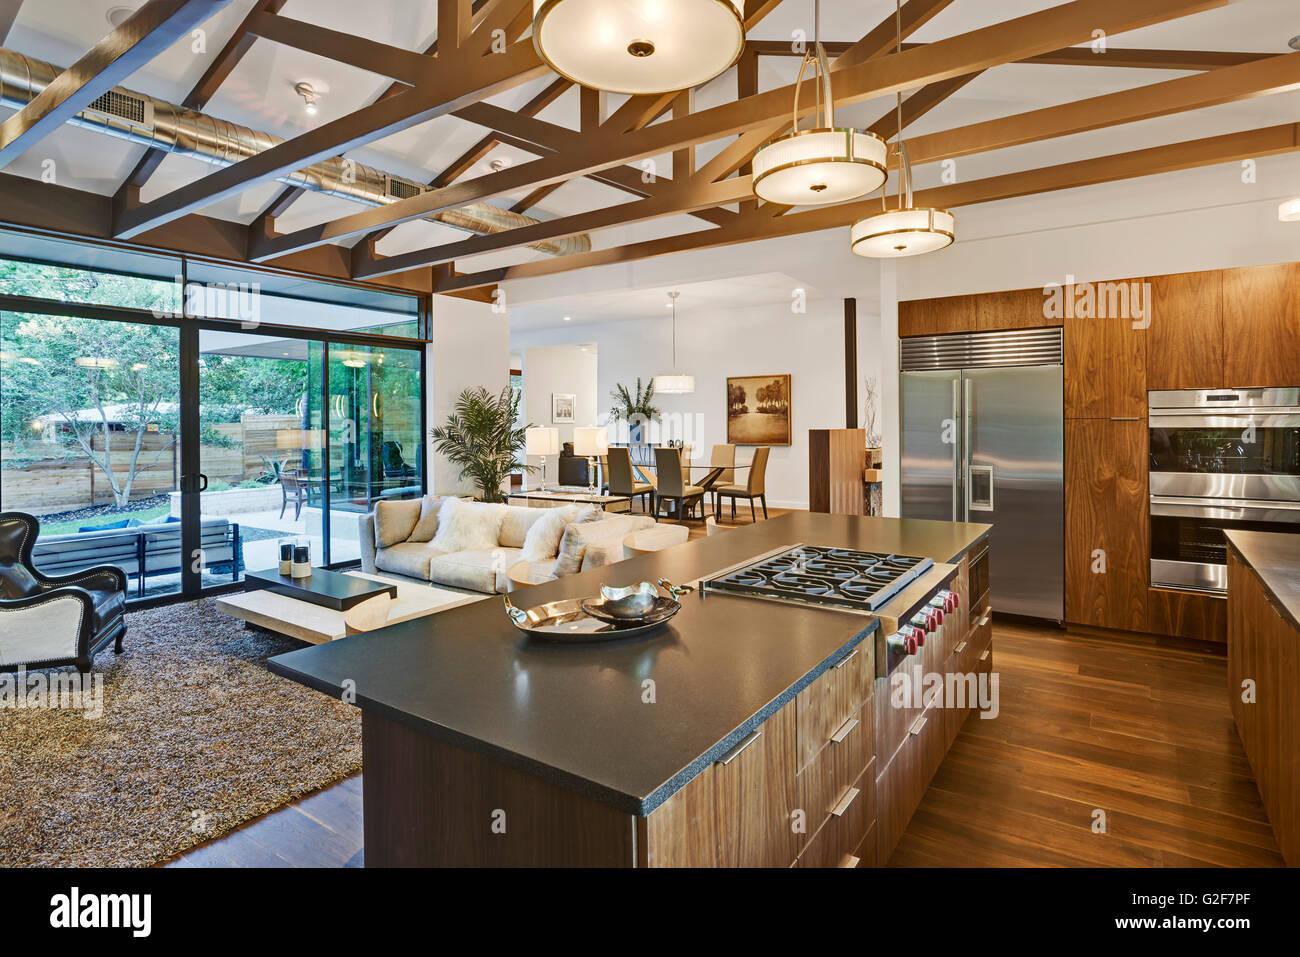 Plan d\'étage ouvert de la maison avec cuisine, salon et salle à ...